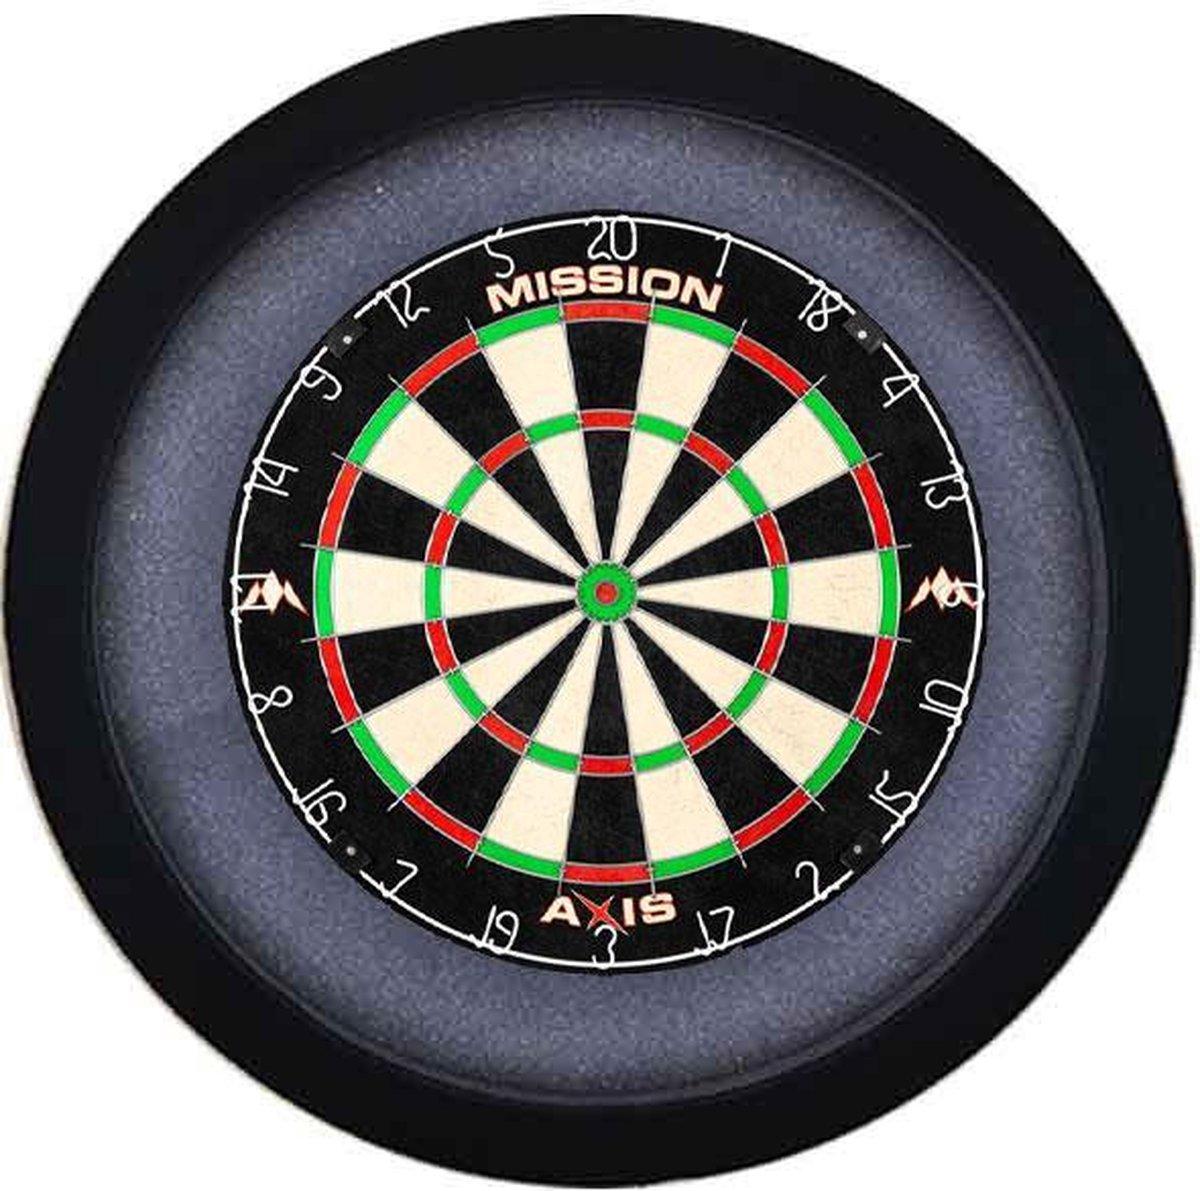 Dartbord Verlichting Voordeelpakket Pro + Mission Axis + Dartbordverlichting Basic XL(Zwart)